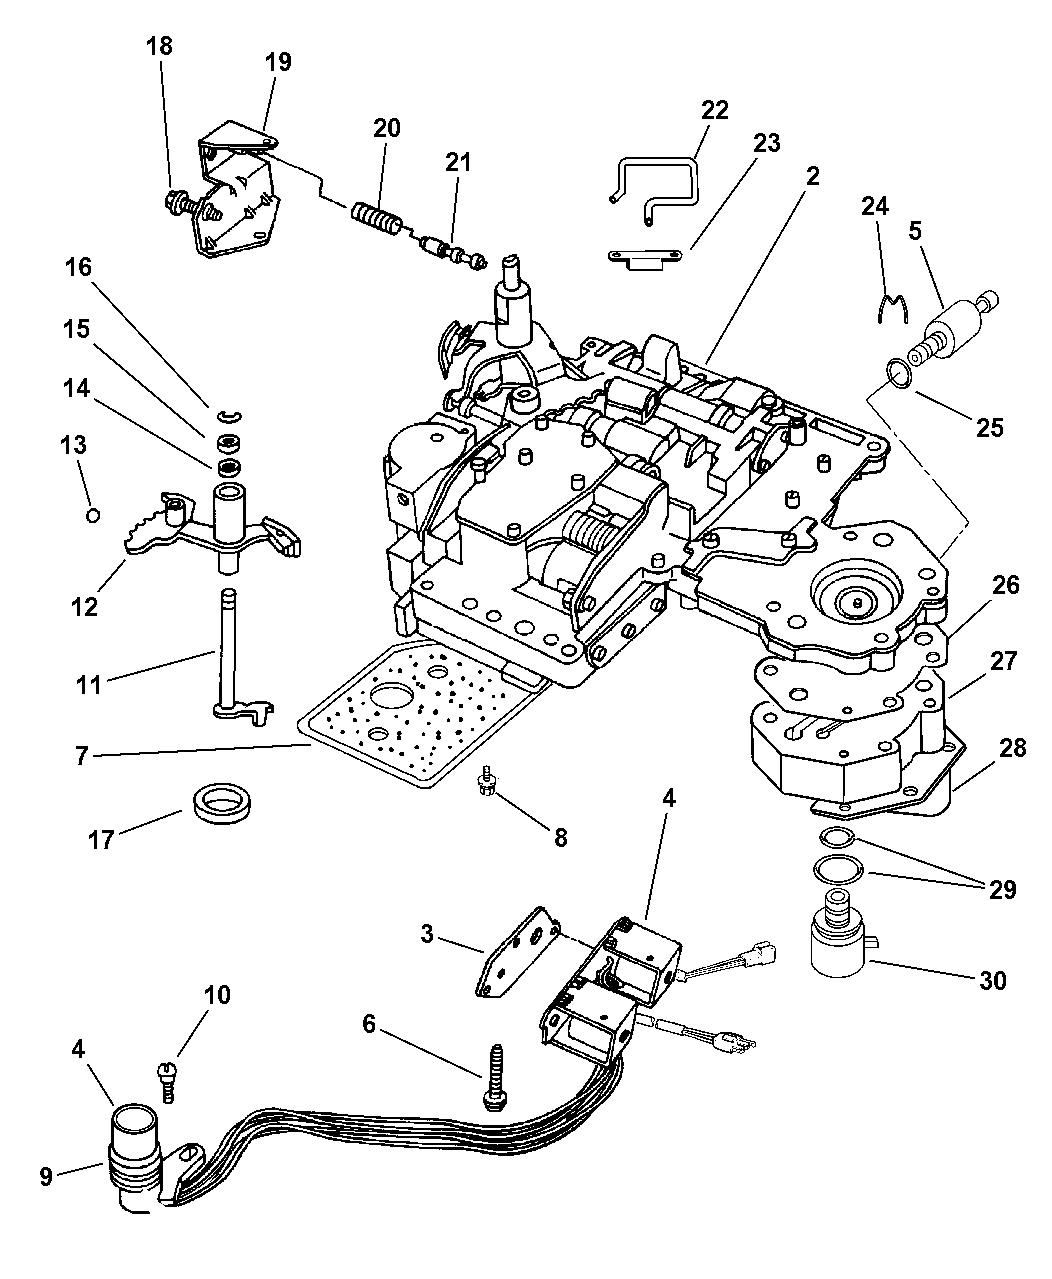 1997 jeep grand cherokee valve body - thumbnail 1